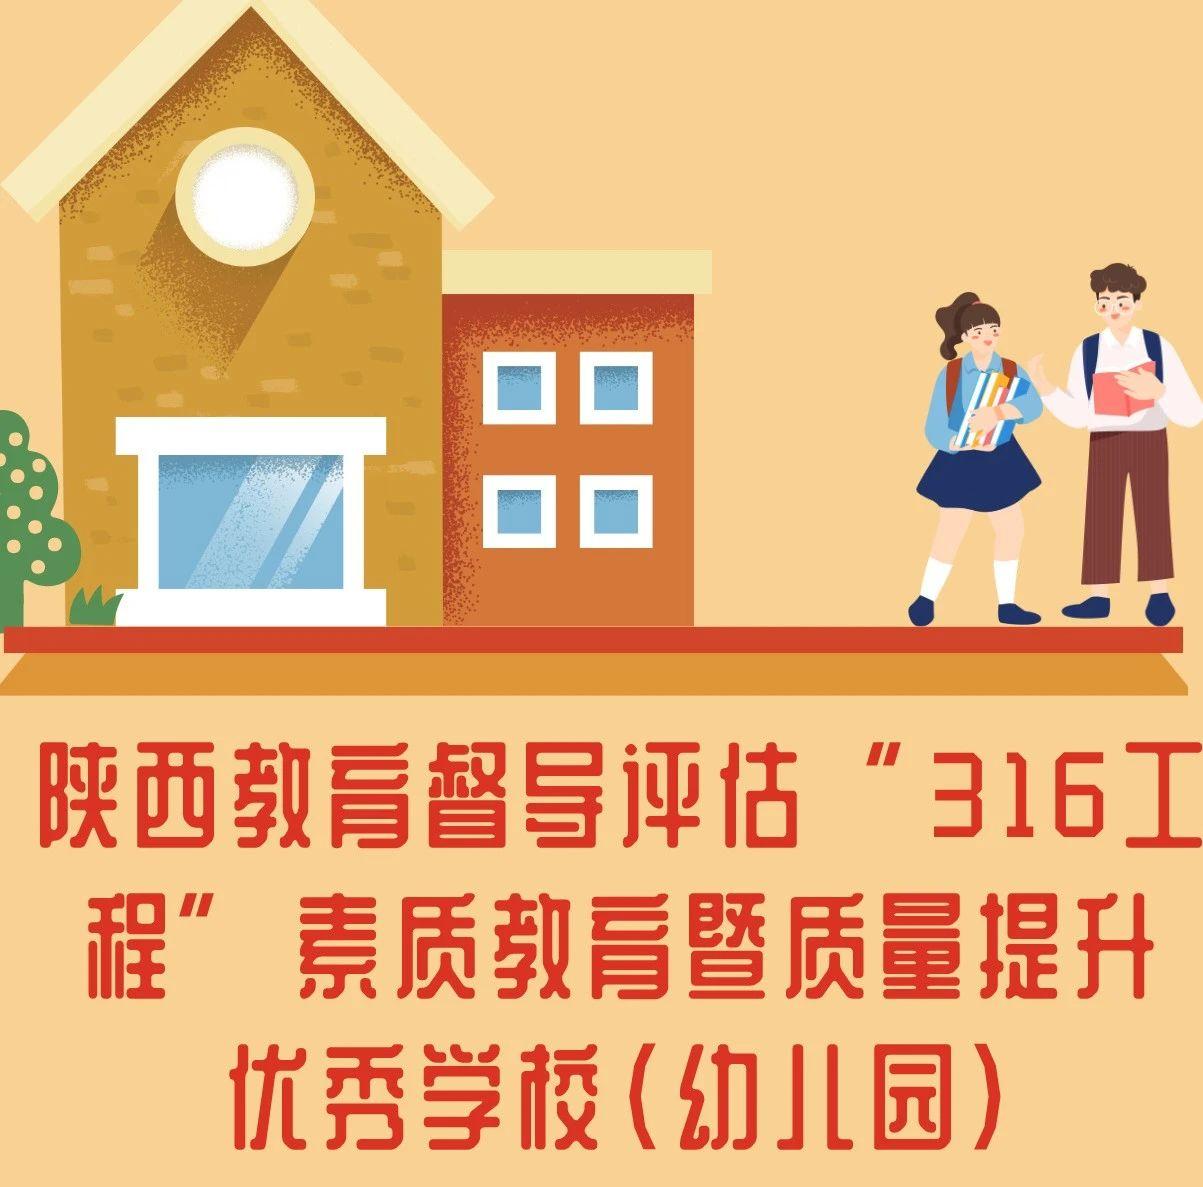 """公告丨陕西省教育督导评估""""316工程""""素质教育暨质量提升优秀学校(幼儿园)拟认定名单"""